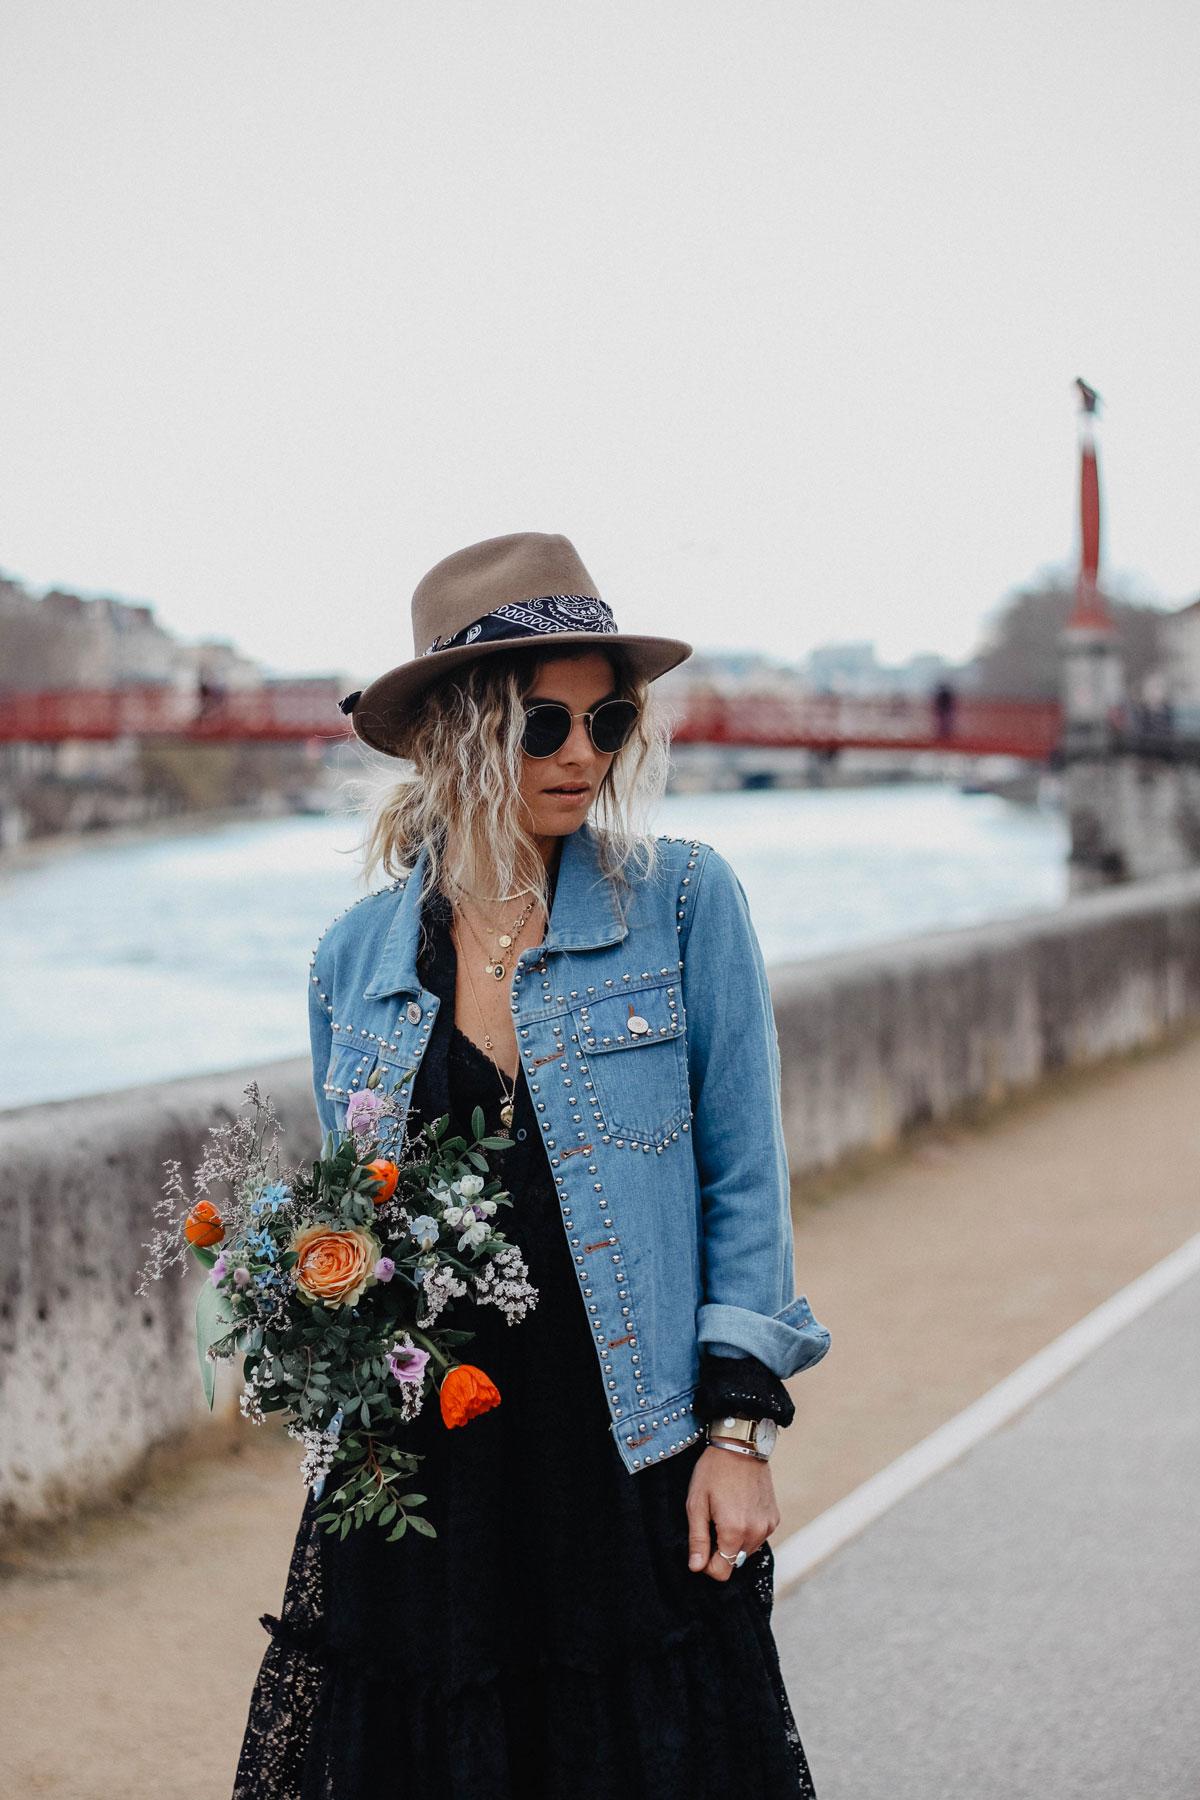 Blog mode et lifestyle Lyon Paris France